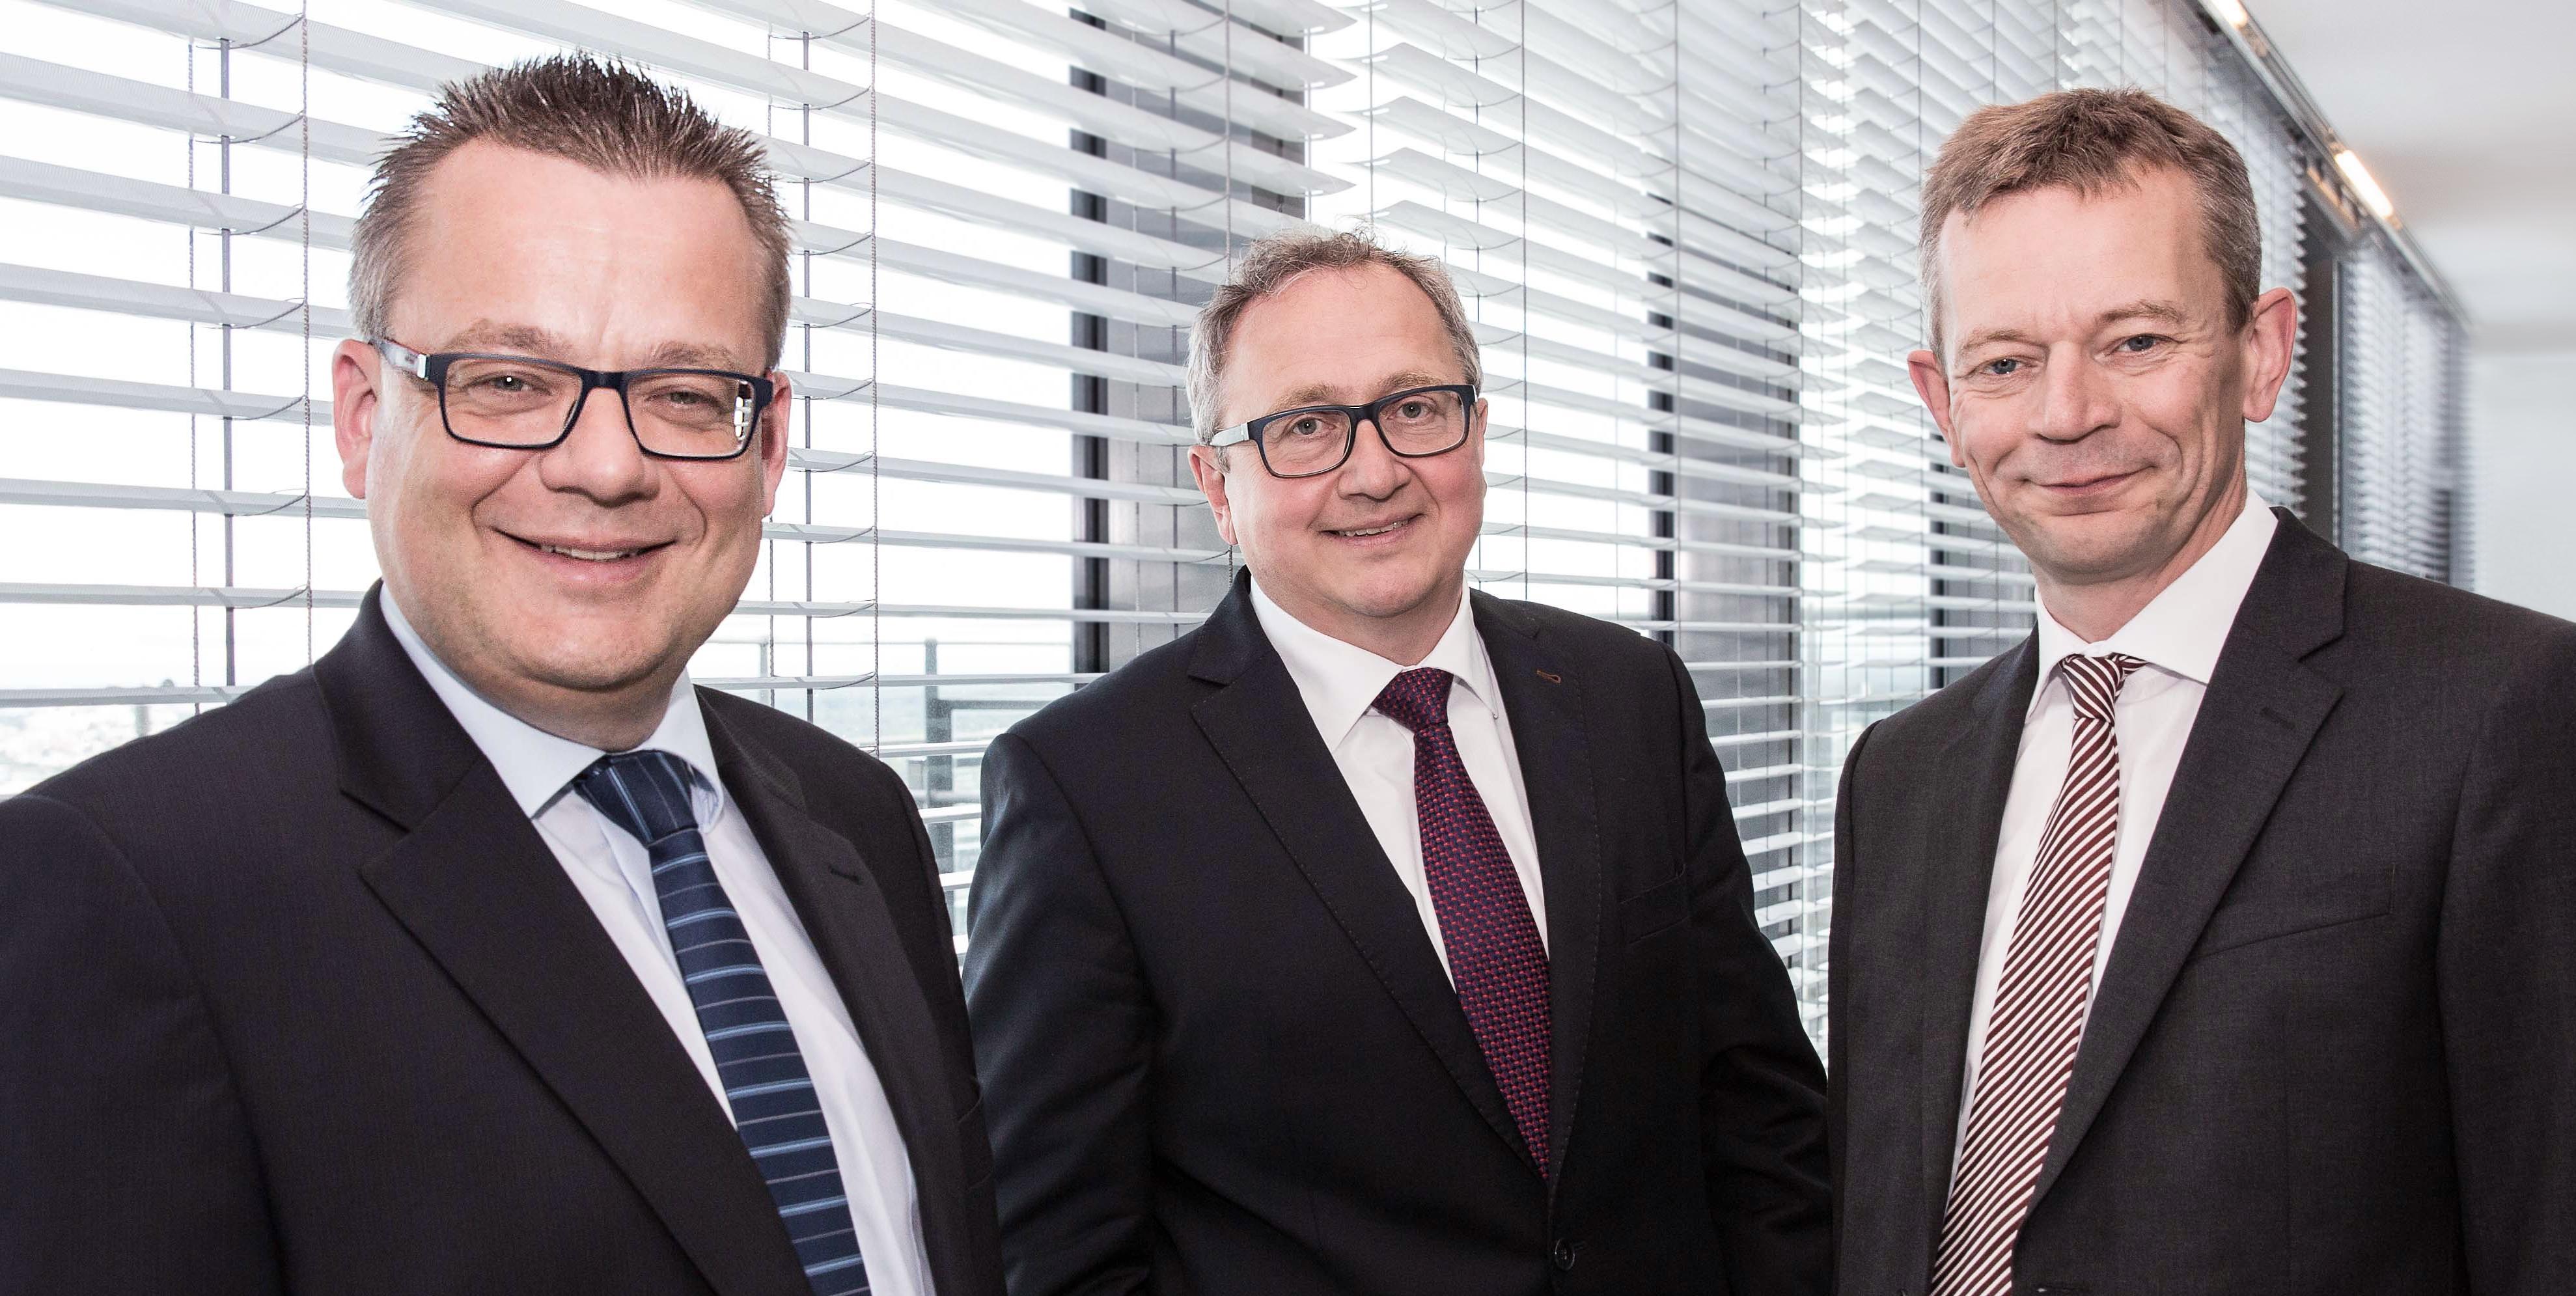 v.l.n.r. Marcus Wetzel, Thilo Wiegand und Falco Schöning